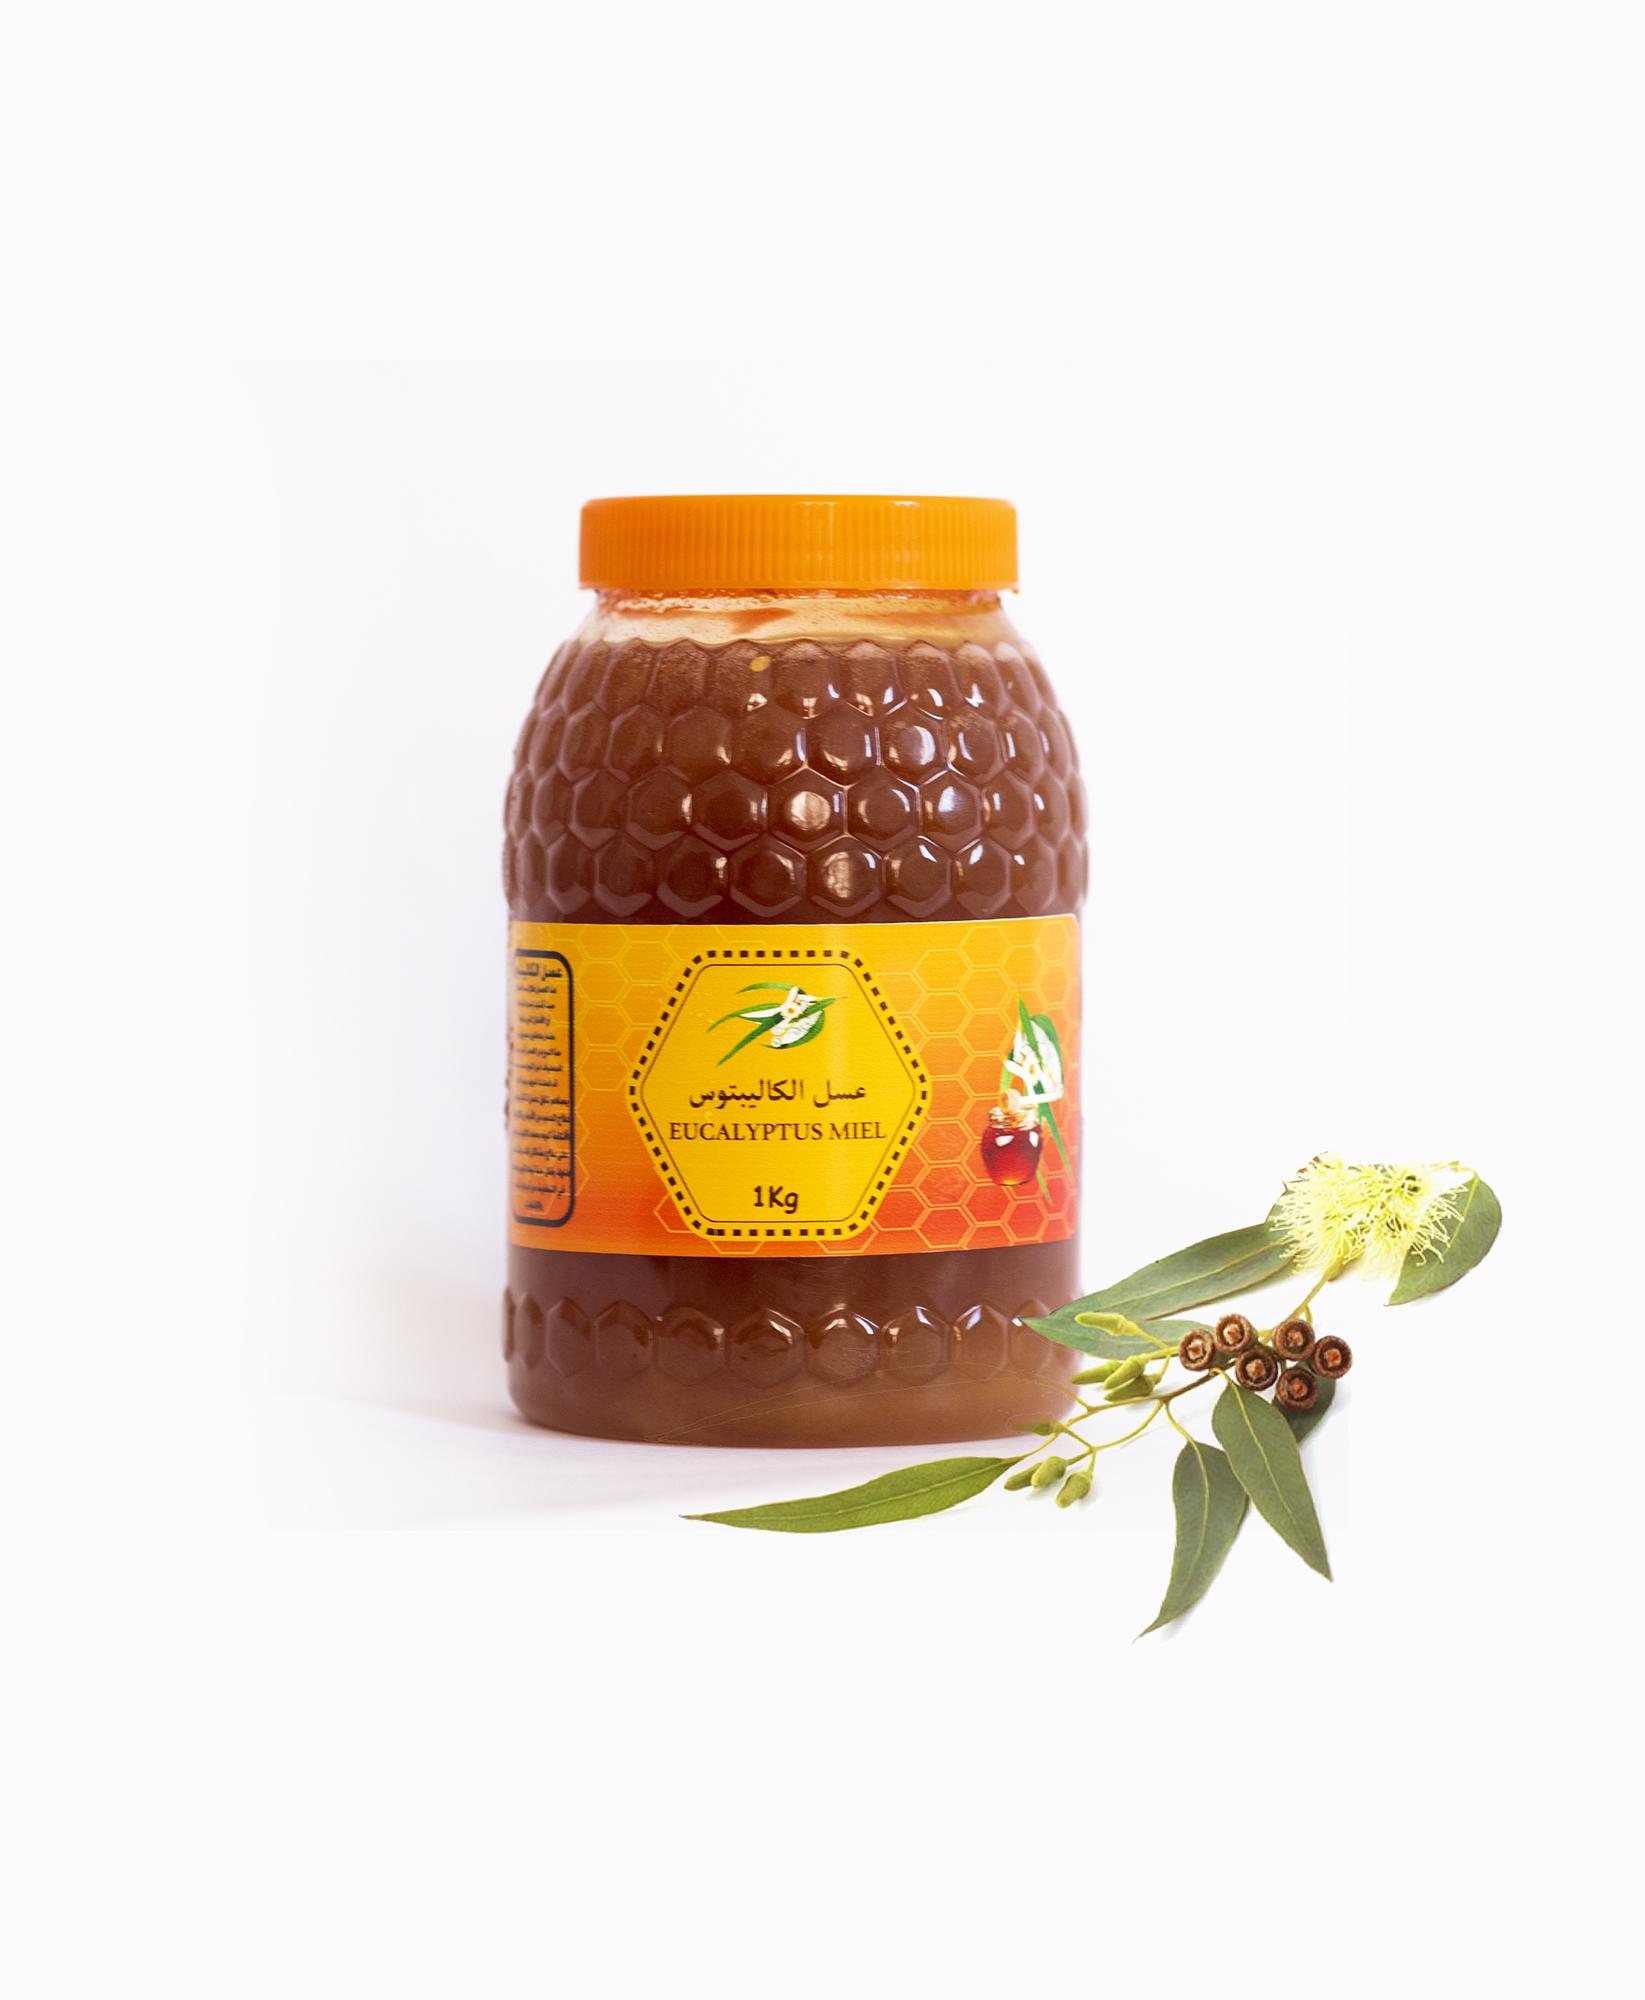 Miel d'Eucalyptus 1 KG  عسل الكالبتوس